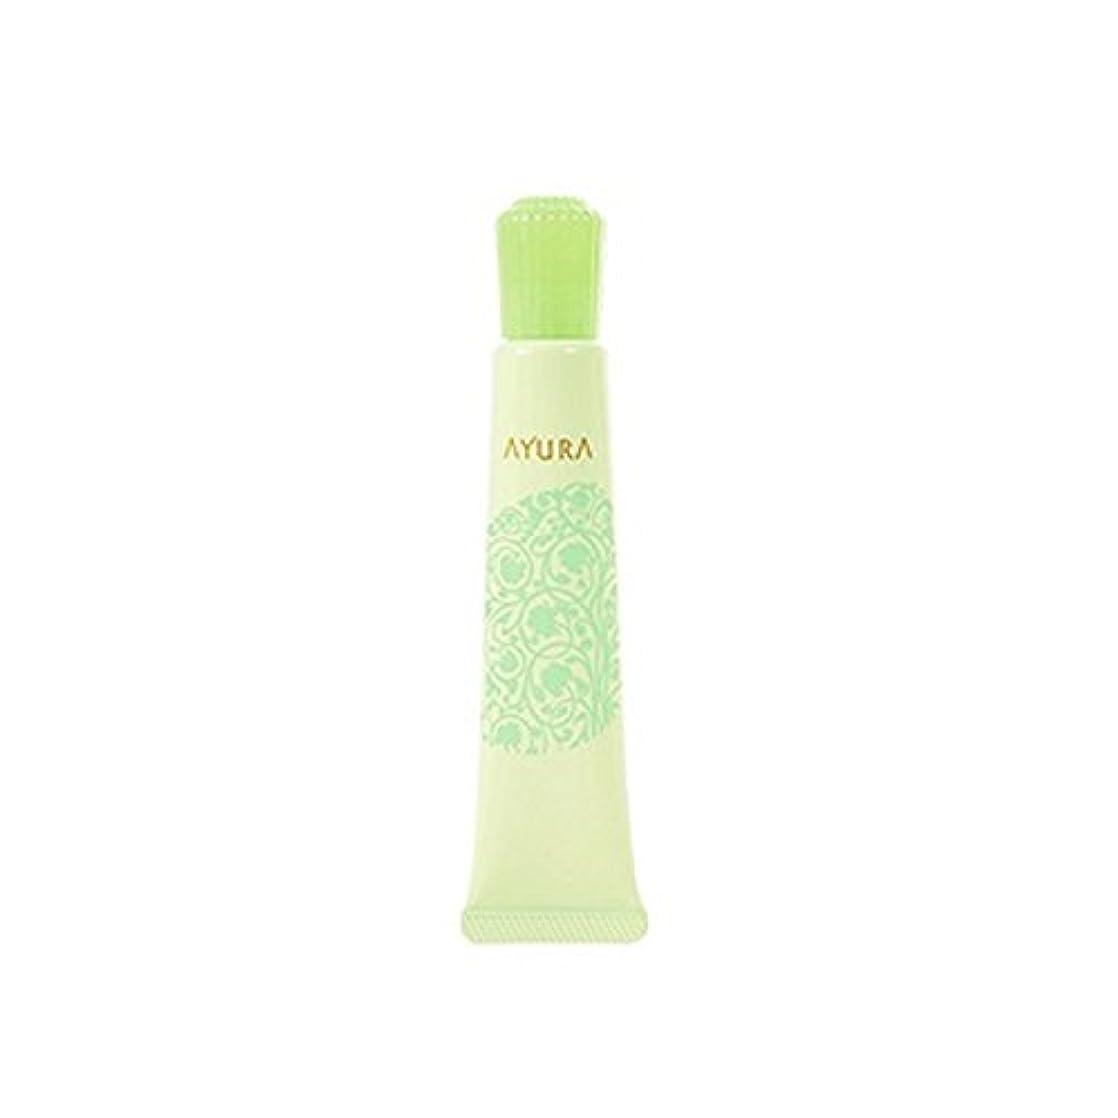 引き算桁ドラッグアユーラ (AYURA) ハンドオアシス 〈ハンド用美容液〉 アロマティックハーブとユーカリの軽やかな香り